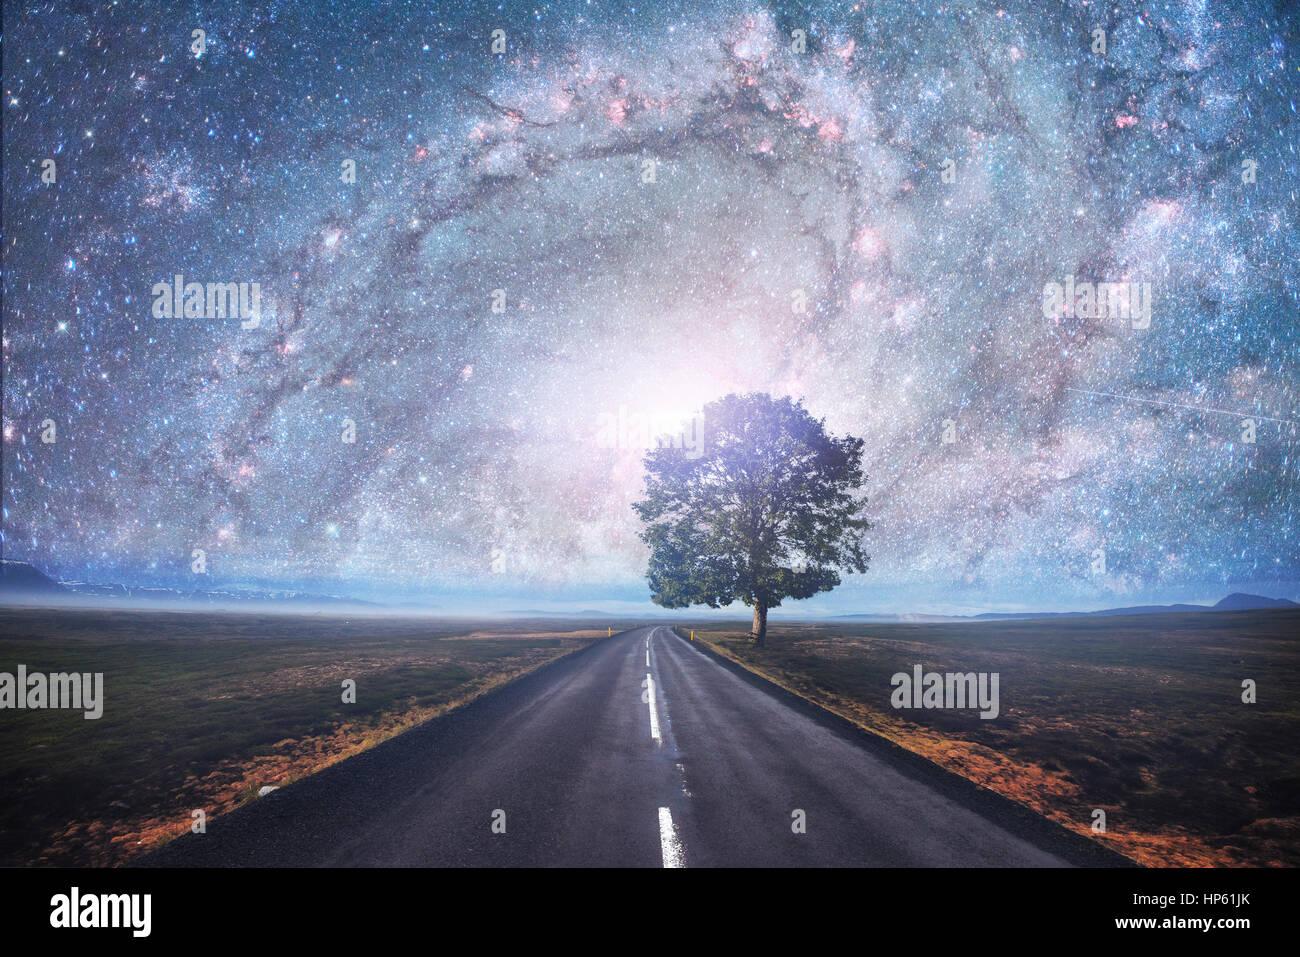 Asphaltierte Straße und einsame Baum unter dem sternenklaren Nachthimmel Stockbild